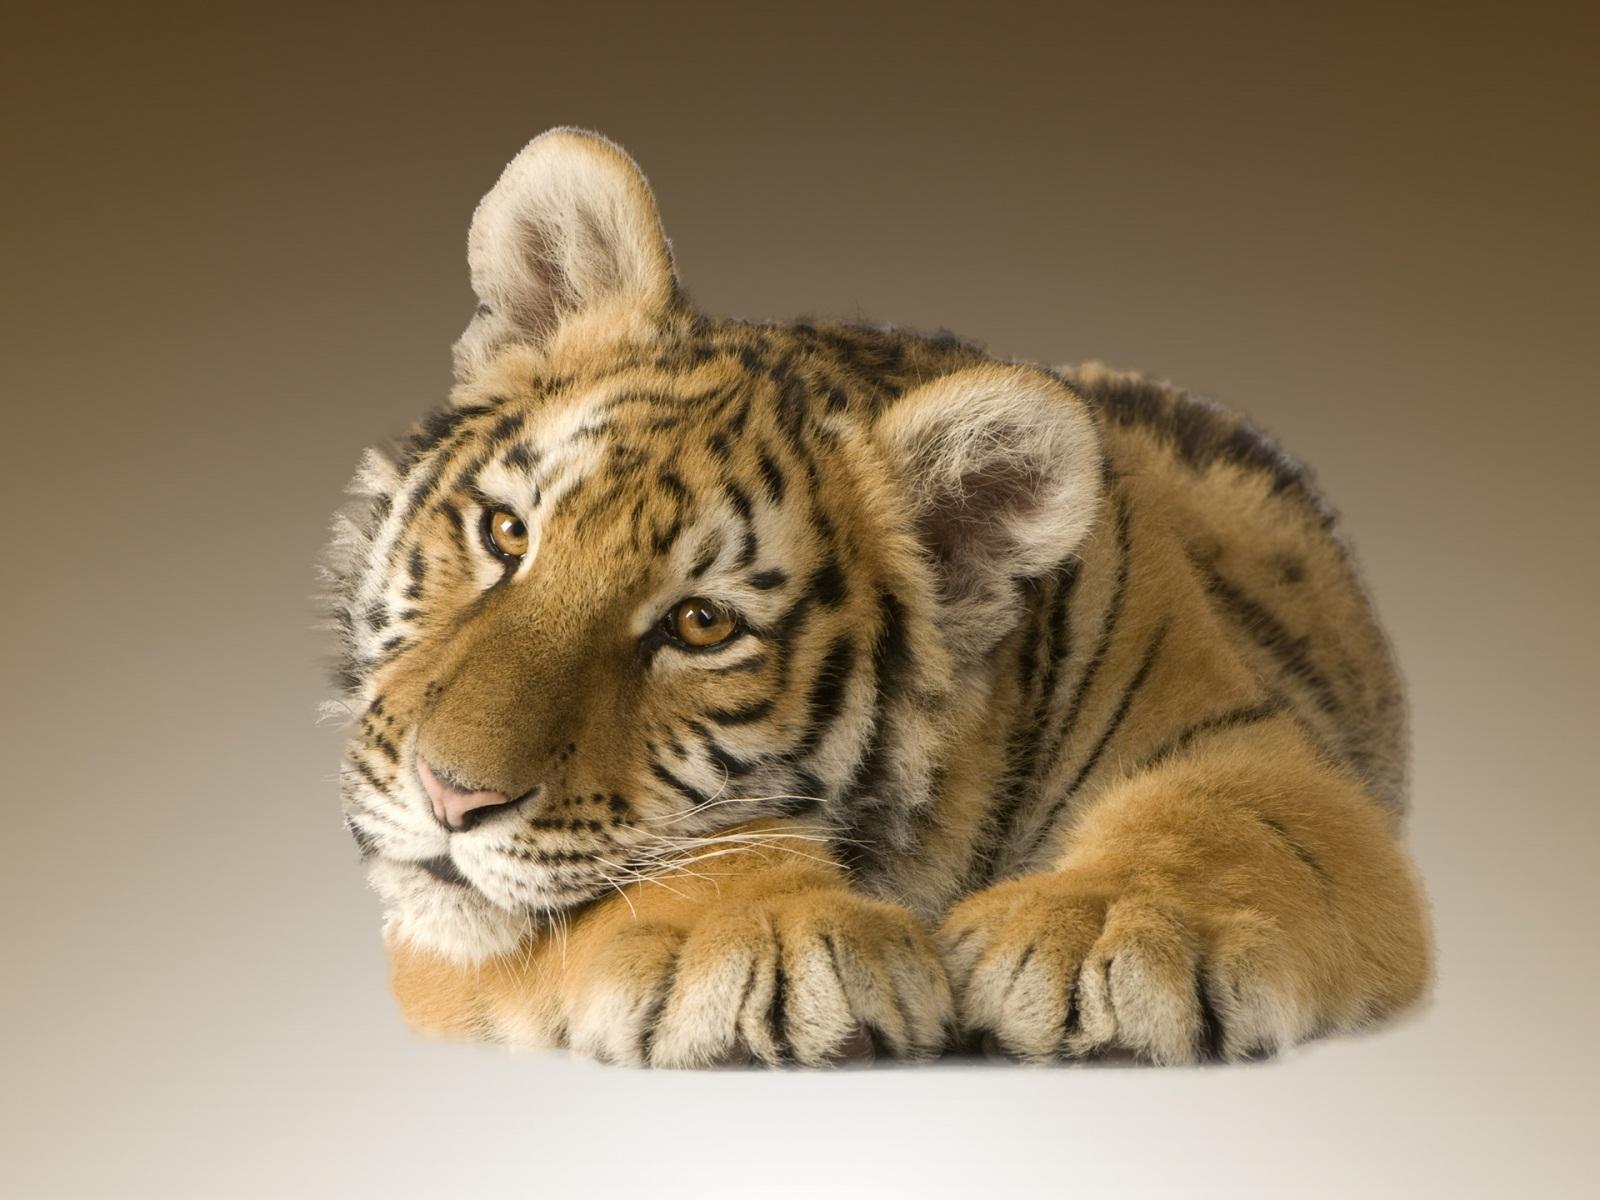 tiger wallpaper sweet HD